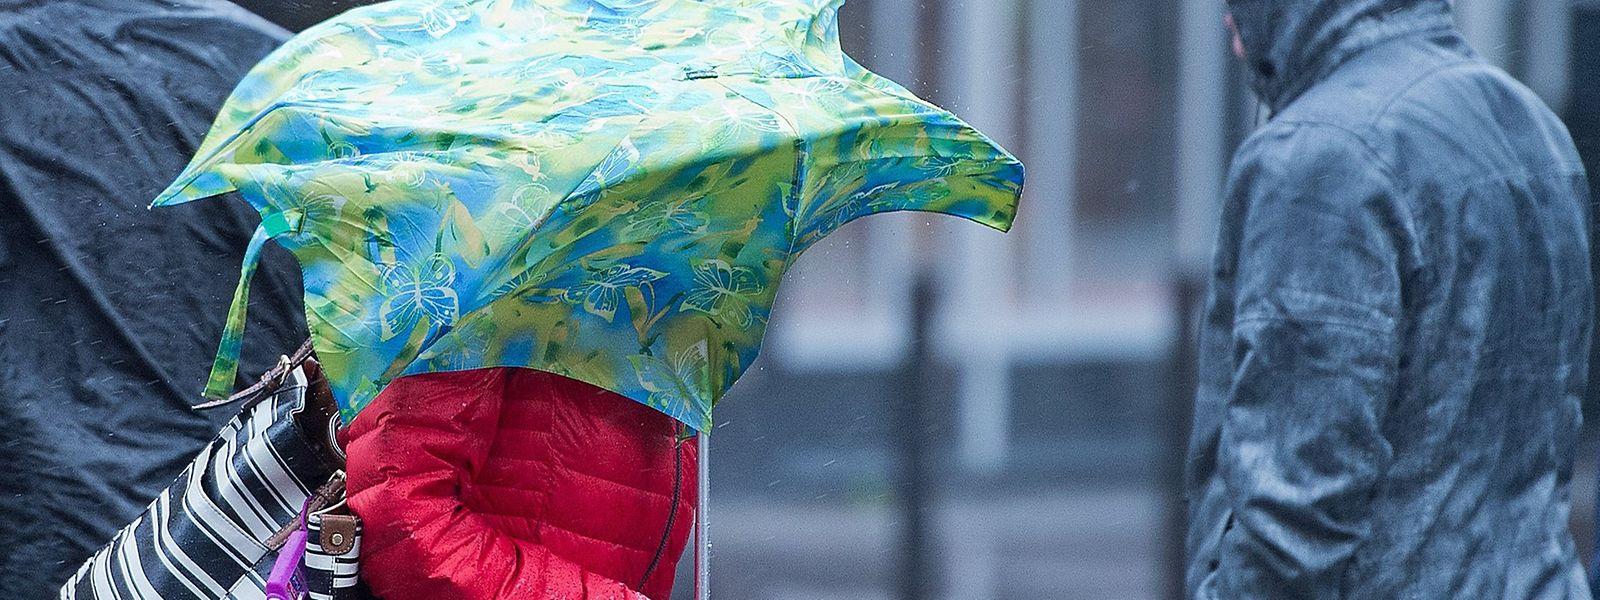 Am Dienstag ist unbeständiges Wetter angesagt - wer einen Regenschirm benutzt, sollte sich vor Windböen hüten.